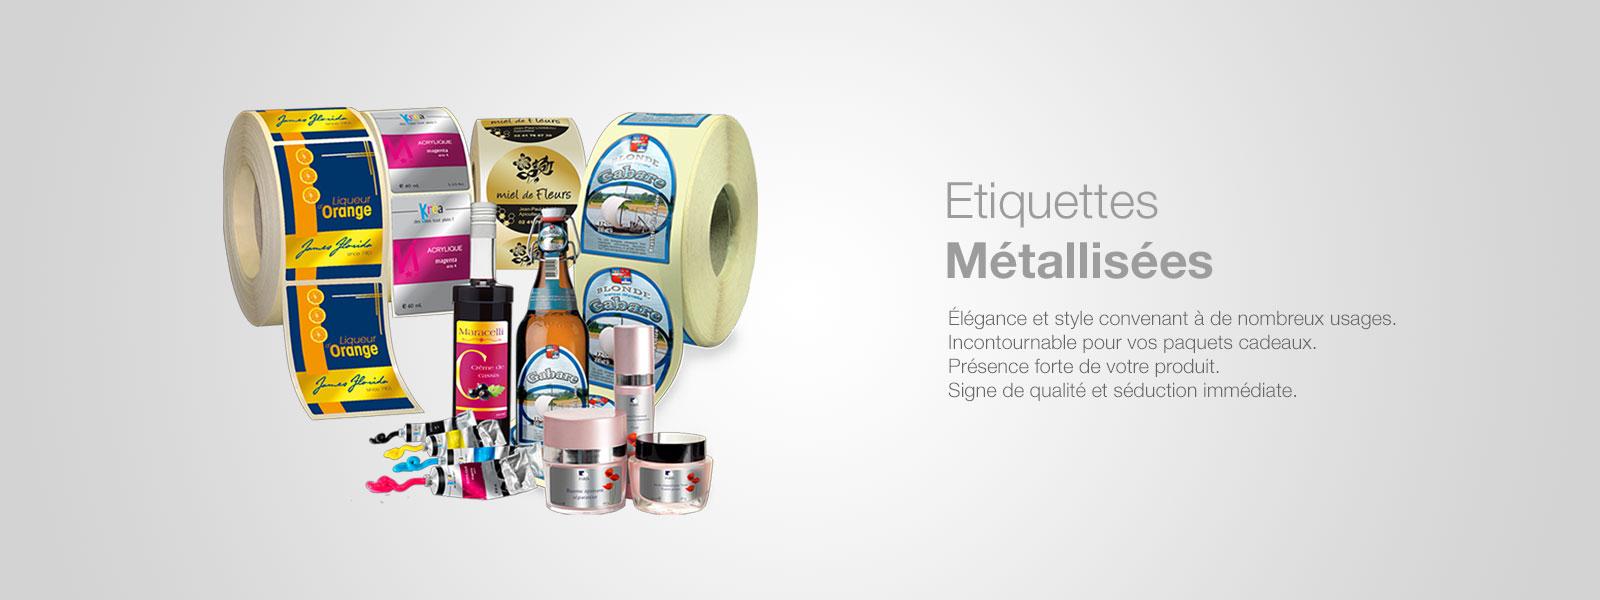 Etiquettes métallisées